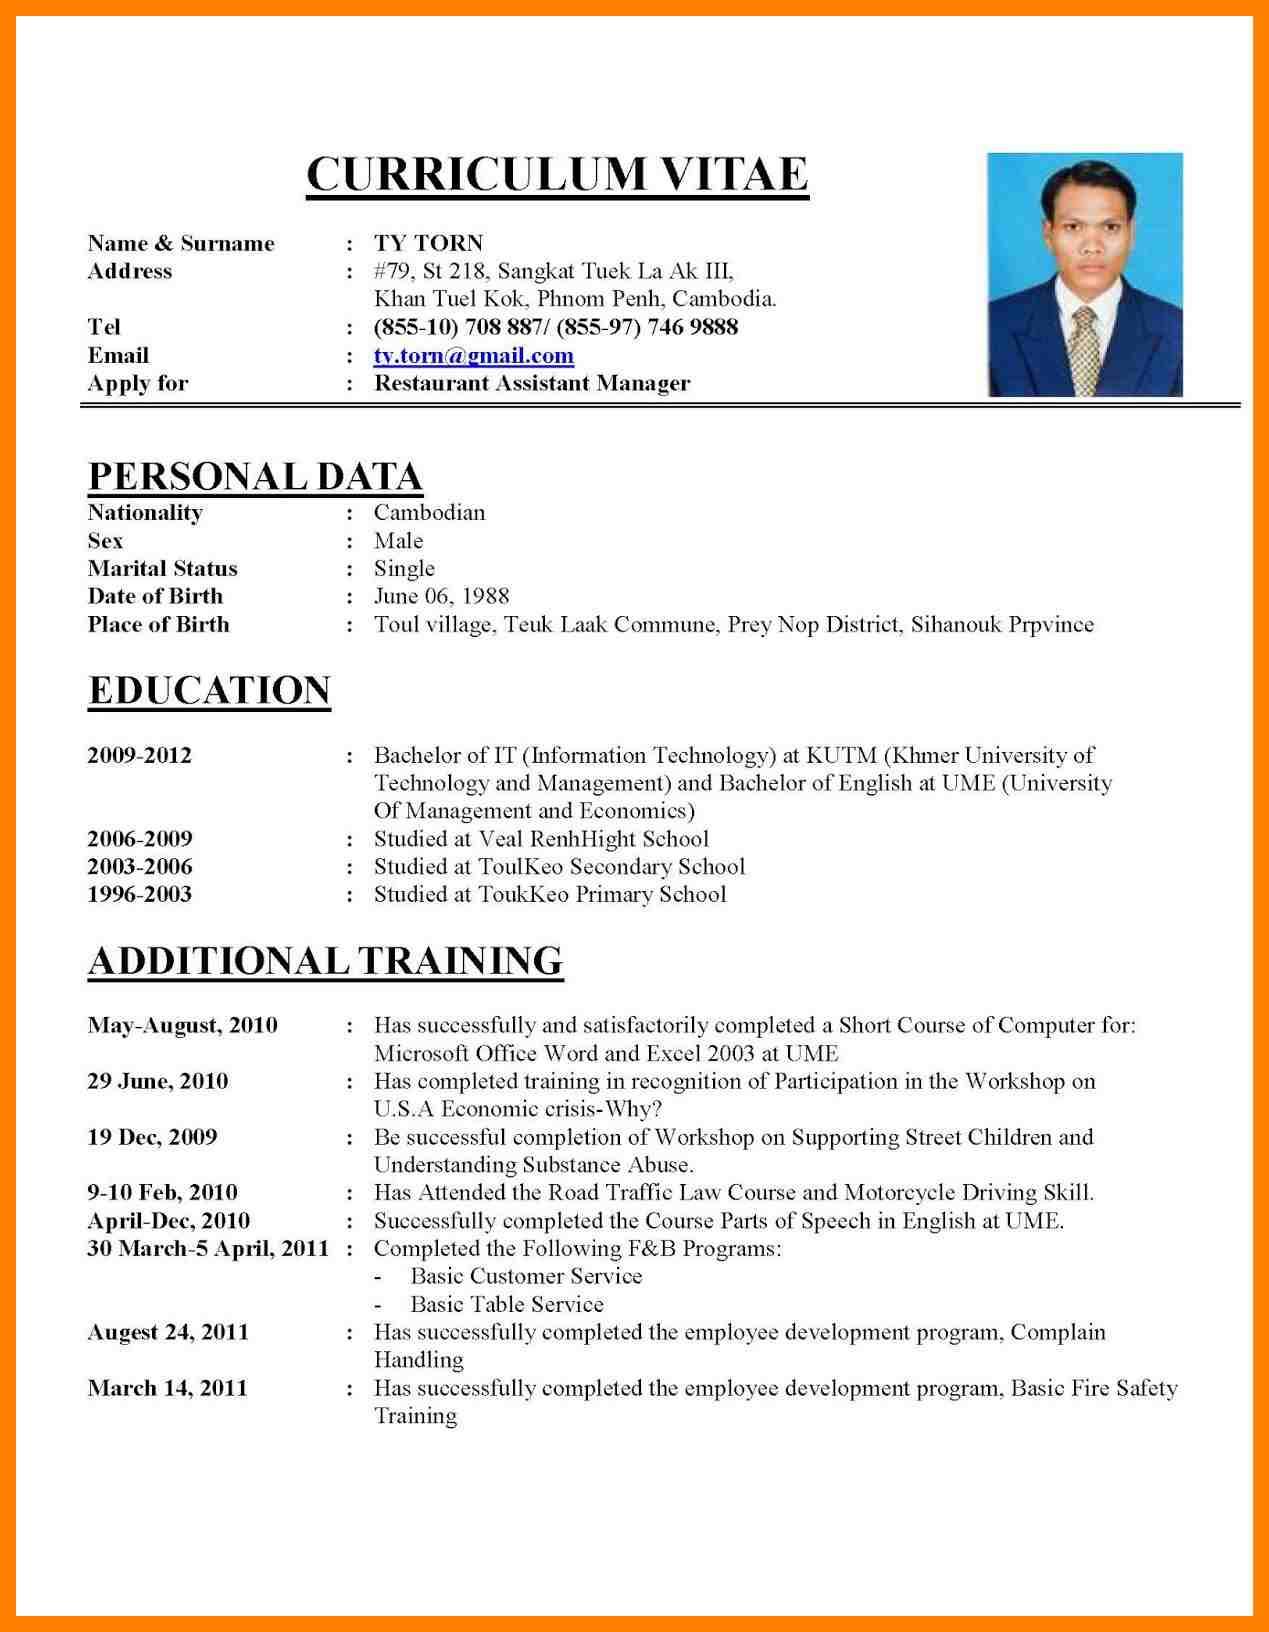 How To Write A Resume For A Job Cv For Job Equipped Print How Write Application Resume For Job Application how to write a resume for a job wikiresume.com